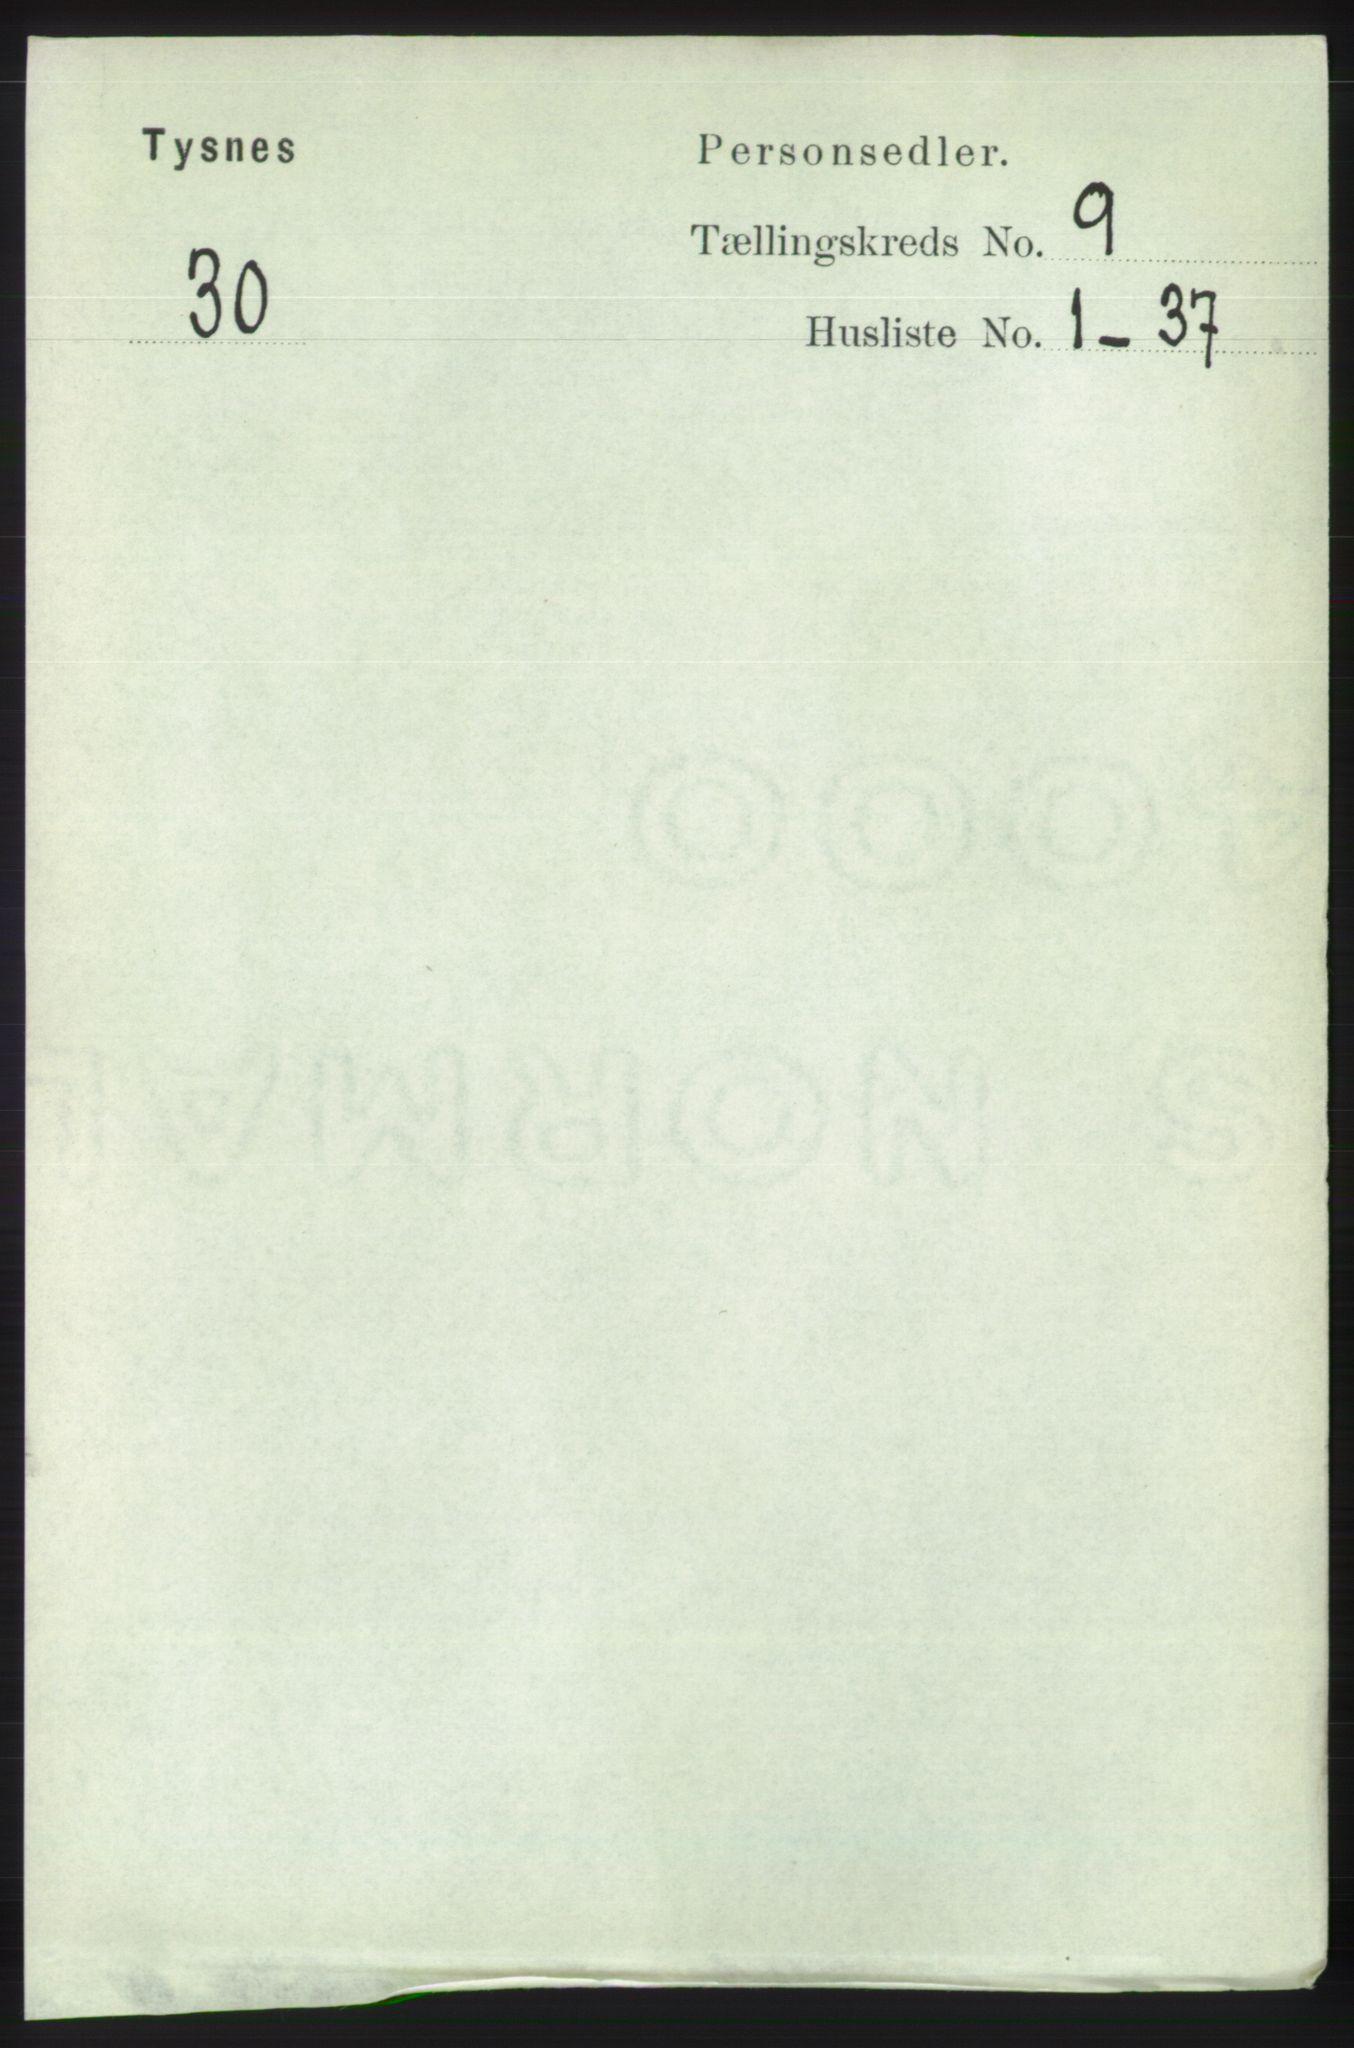 RA, Folketelling 1891 for 1223 Tysnes herred, 1891, s. 4239